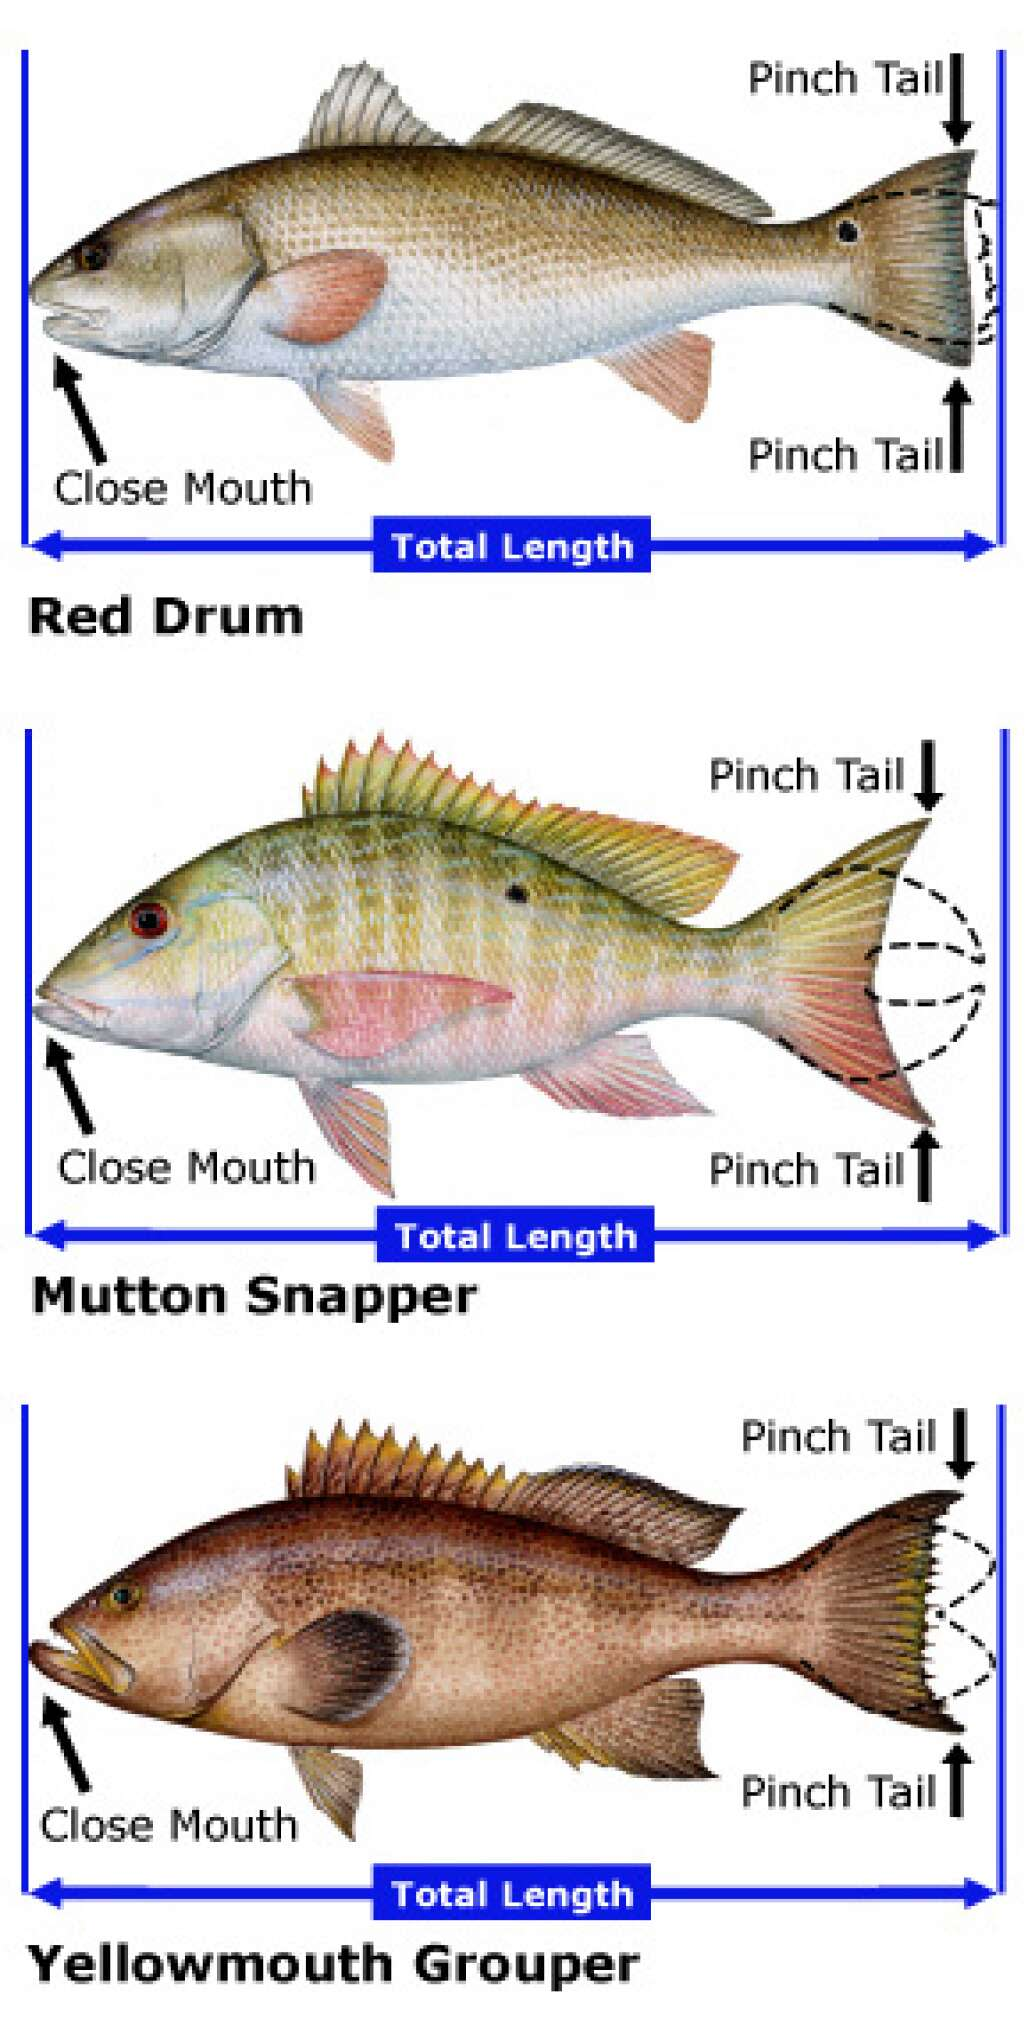 Measuring Fish - Total Lenght Measurement